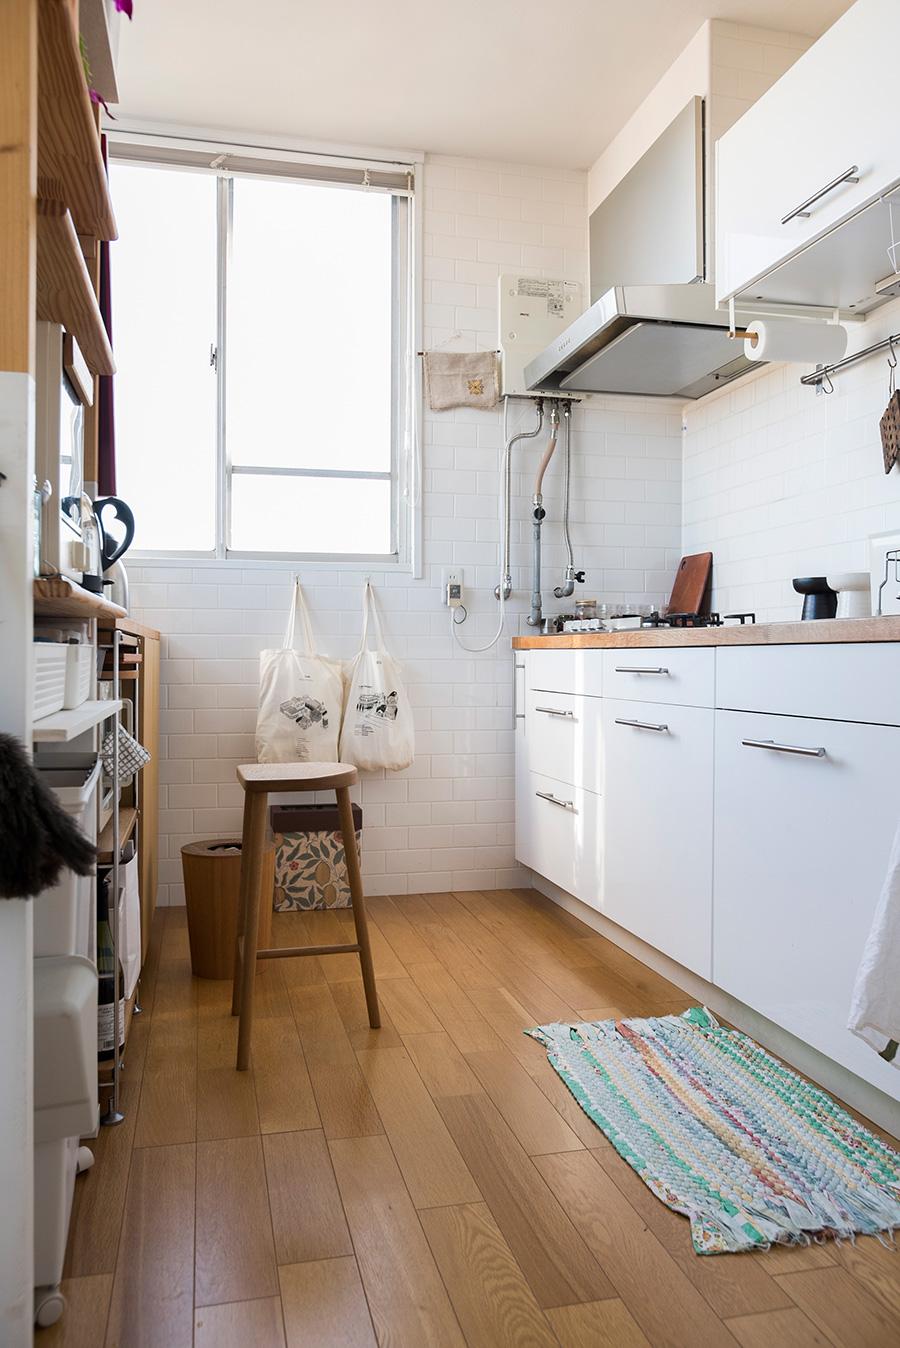 キッチンはIKEAを採用。広々としていて明るく、作業もはかどる。